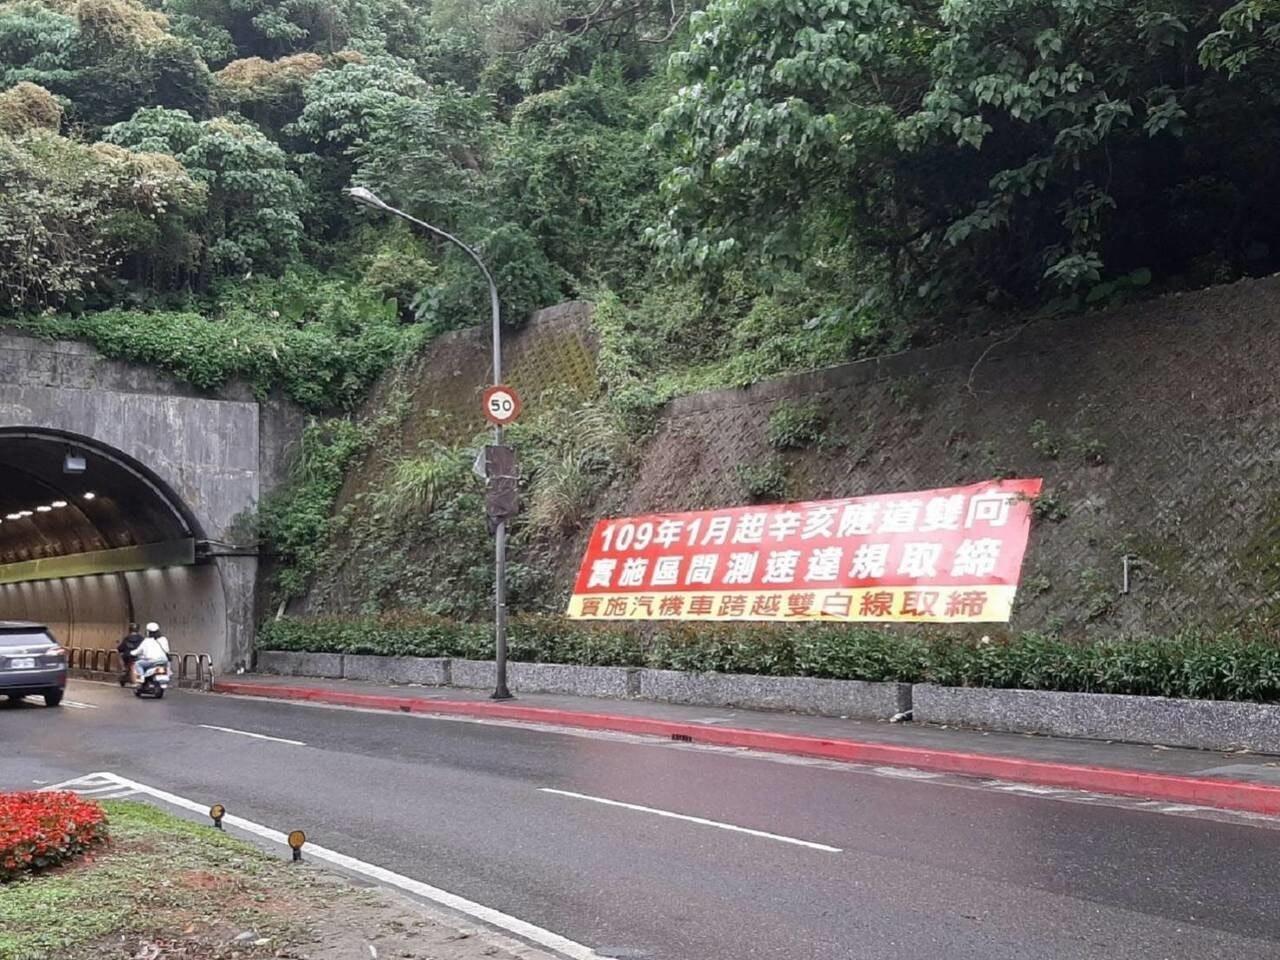 照片中提到了50、109年1月起辛亥魔道雙向、實施區間測速違規取締,包含了台北、辛亥隧道、警察廣播服務、中央通訊社、雷達測速儀